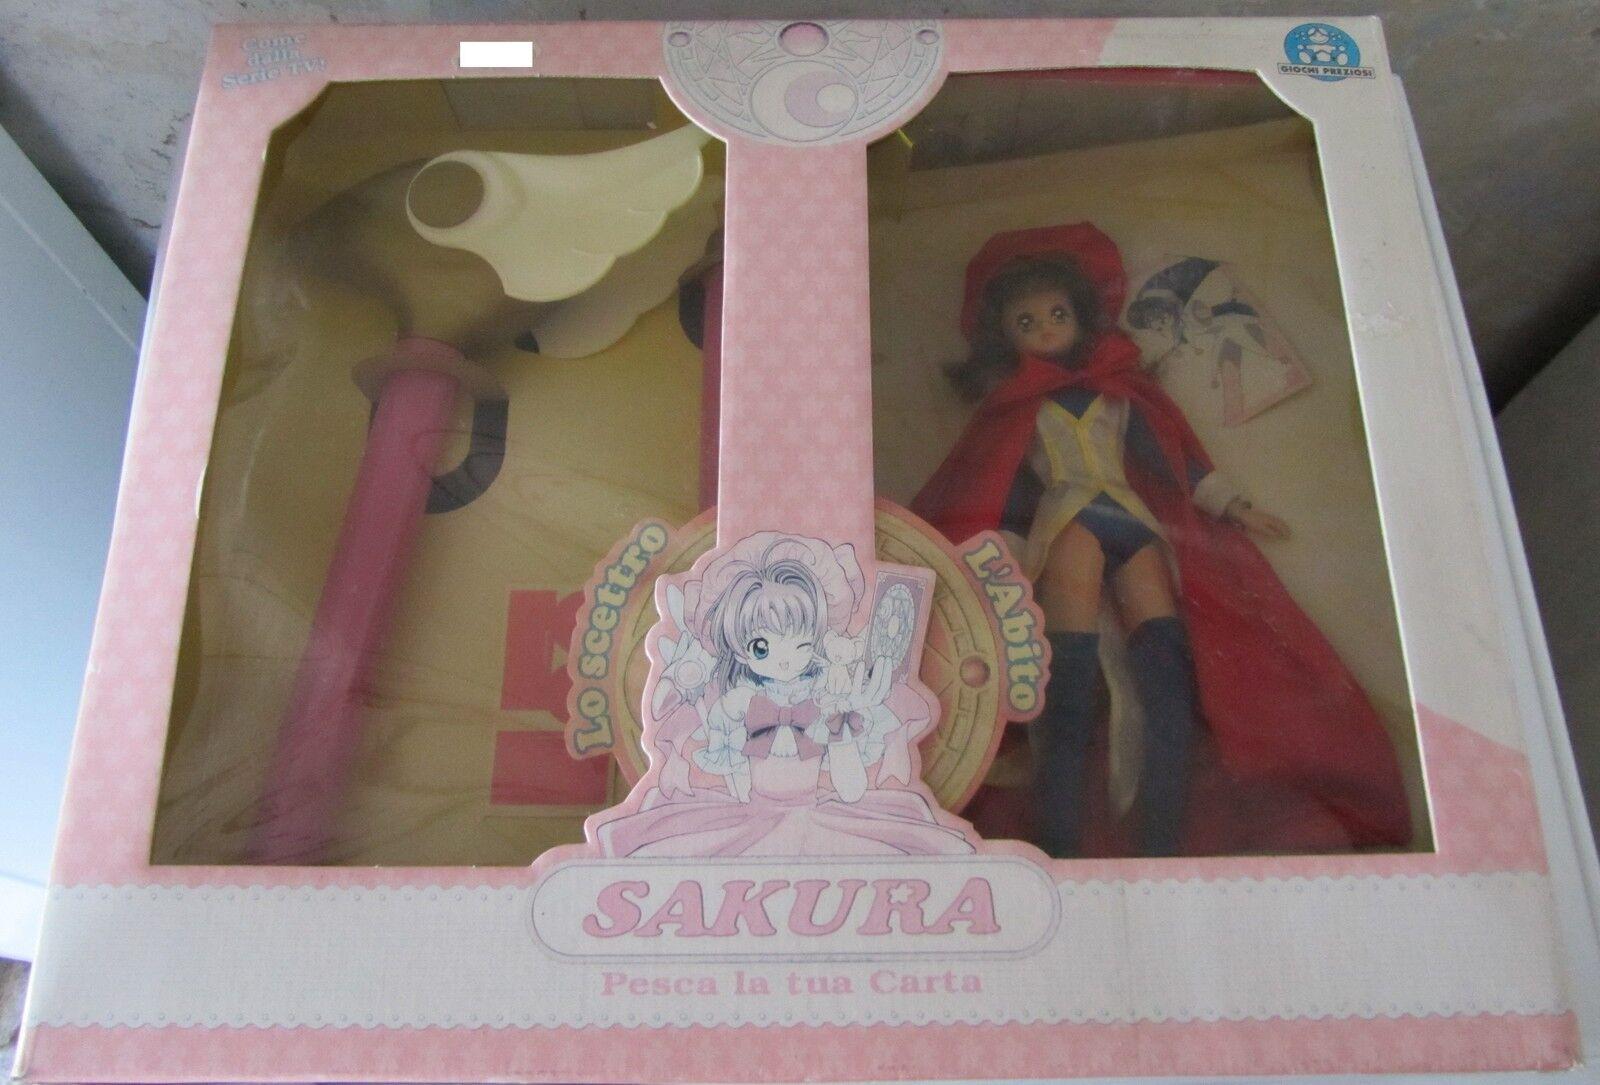 Sakura pesca la tua carta bambola e scettro bellissima confezione bundle vintage